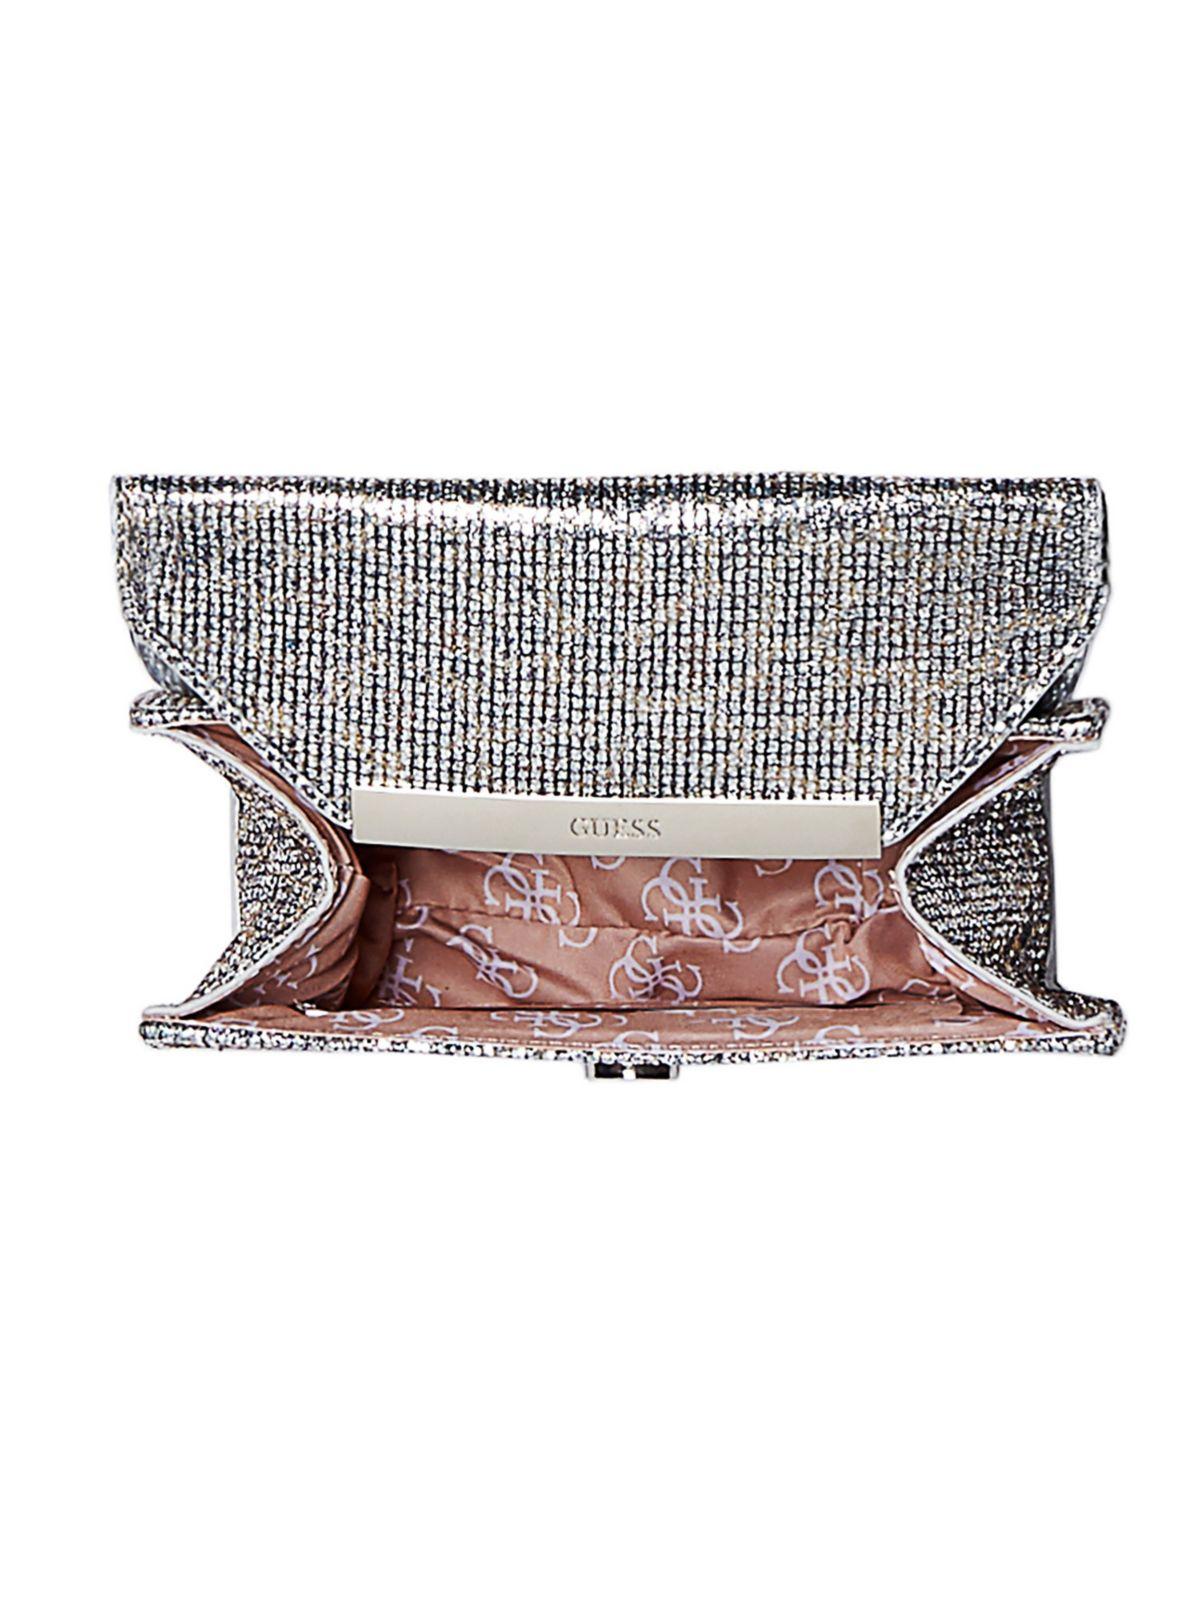 prada handbag - prada python cube crossbody bag, prada tessuto saffiano tote